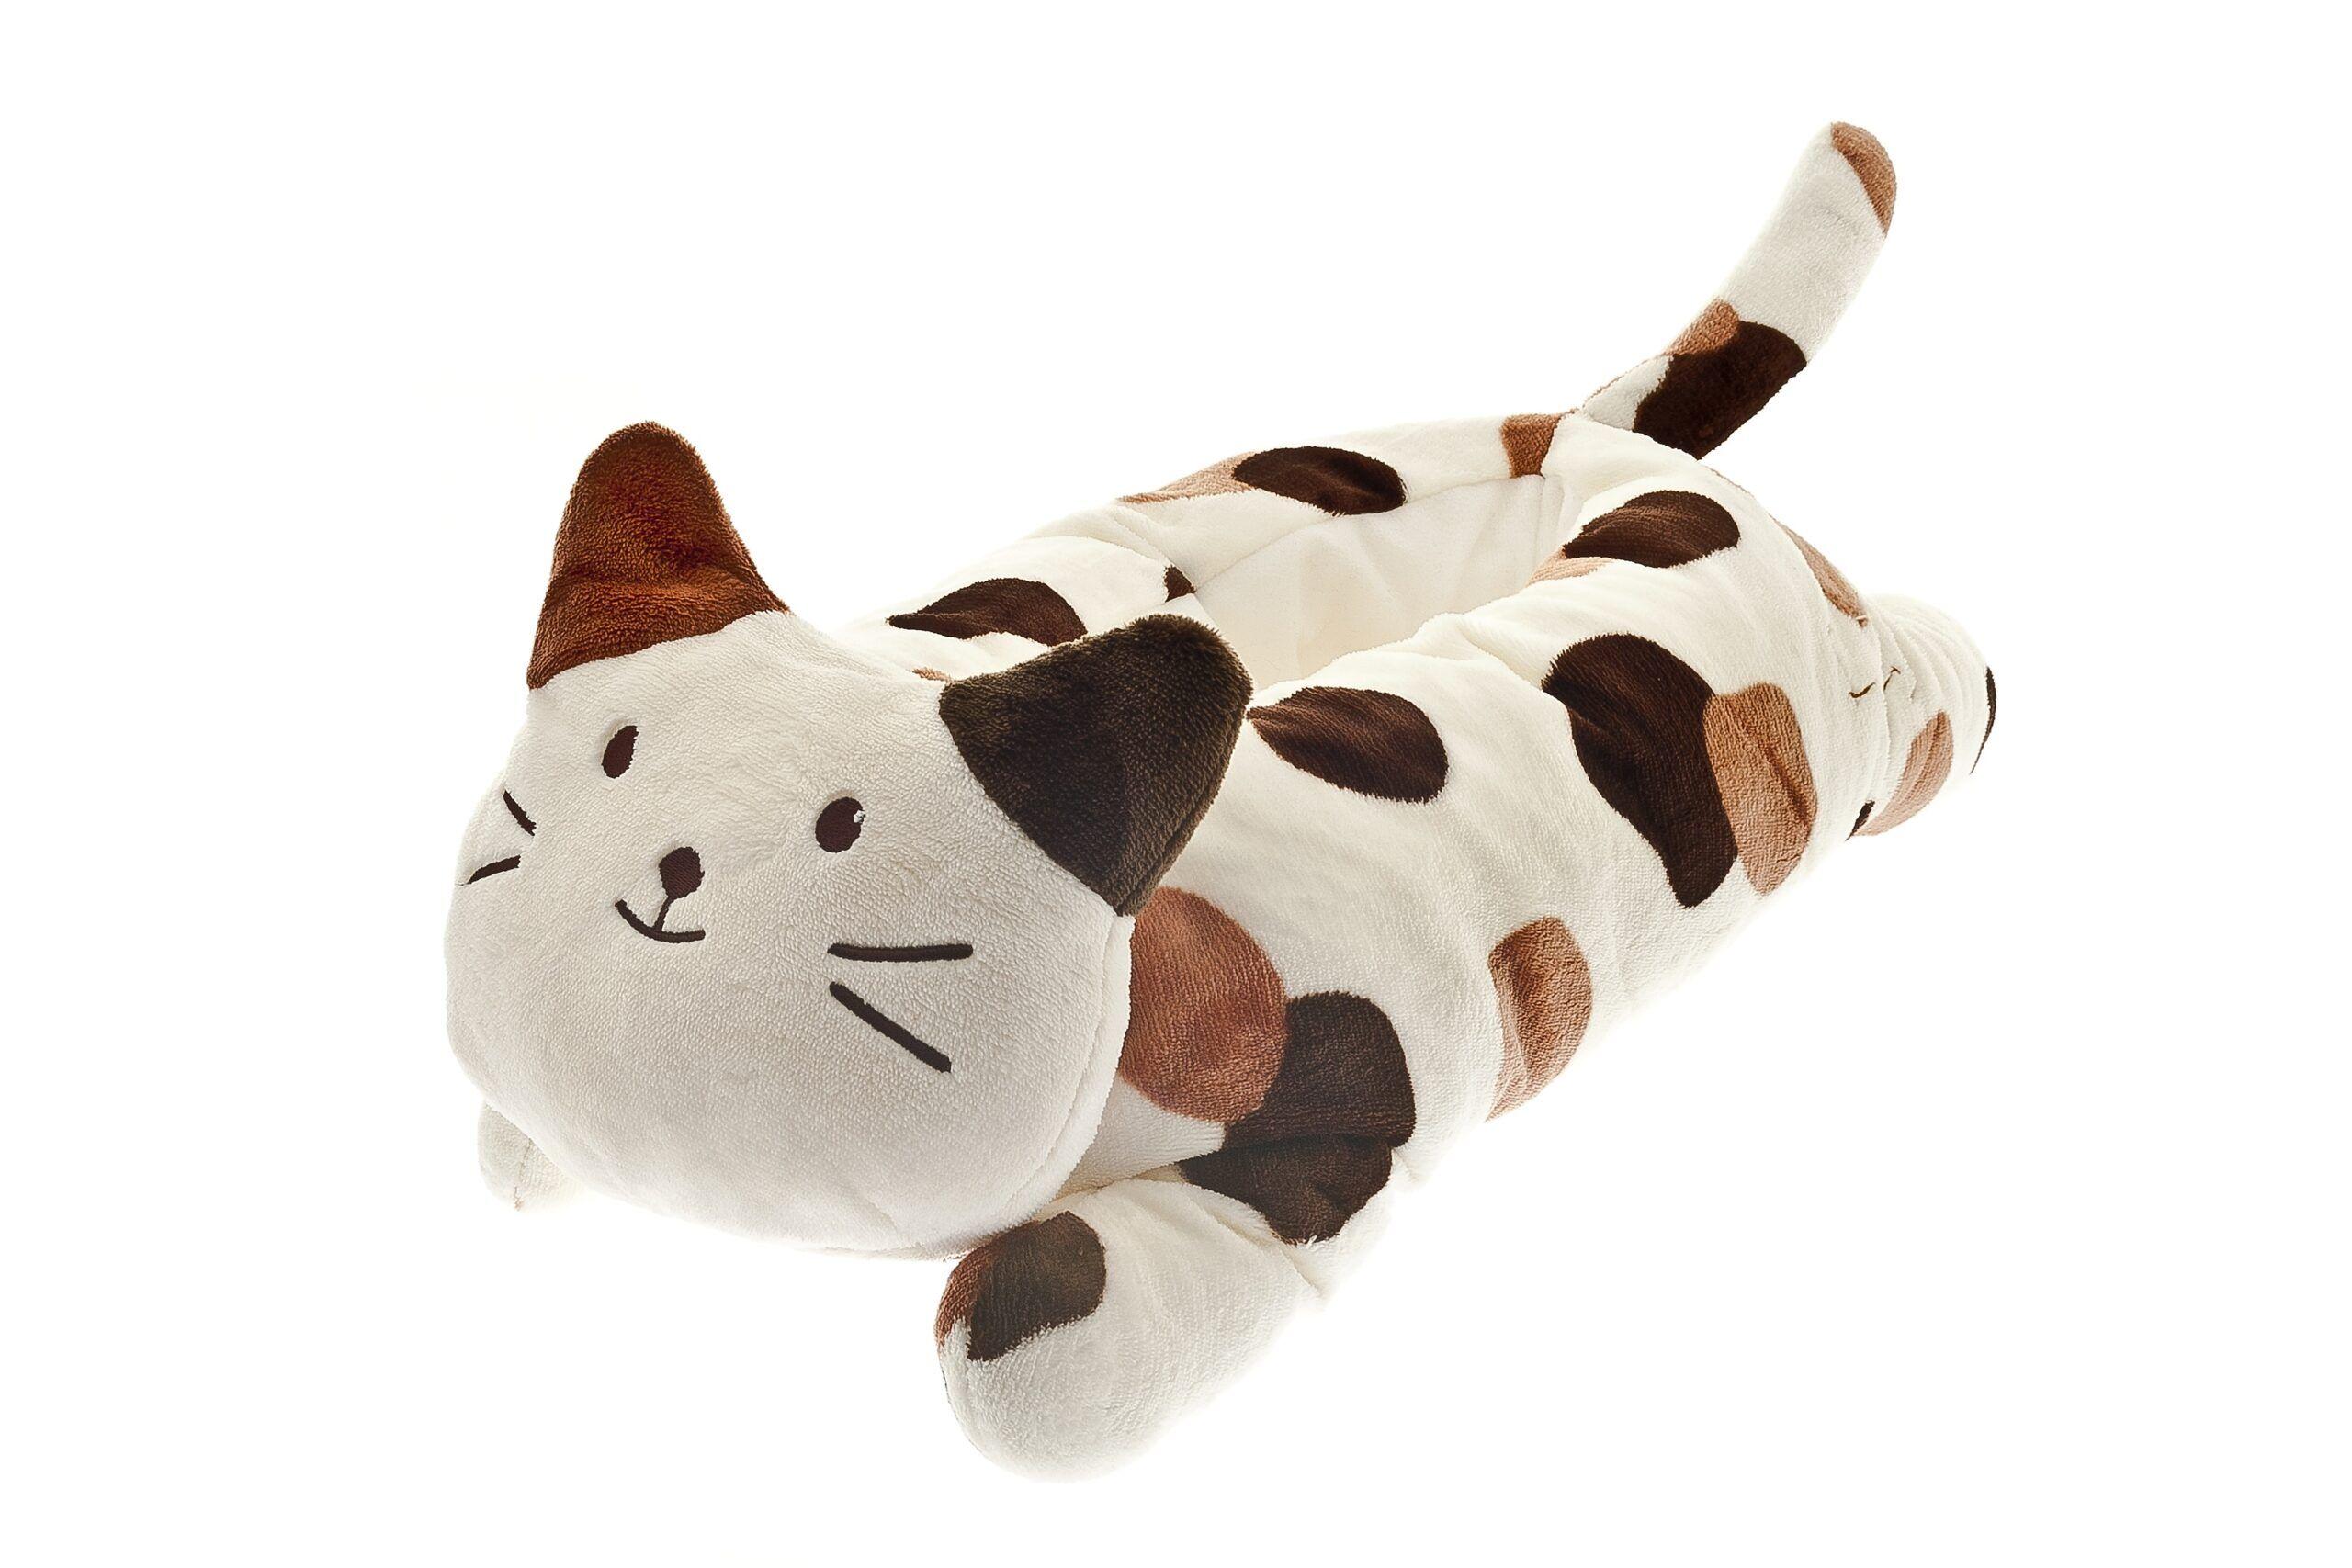 ferribiella cuccia da gatti a forma di gatto maculata 115x45x30 cm